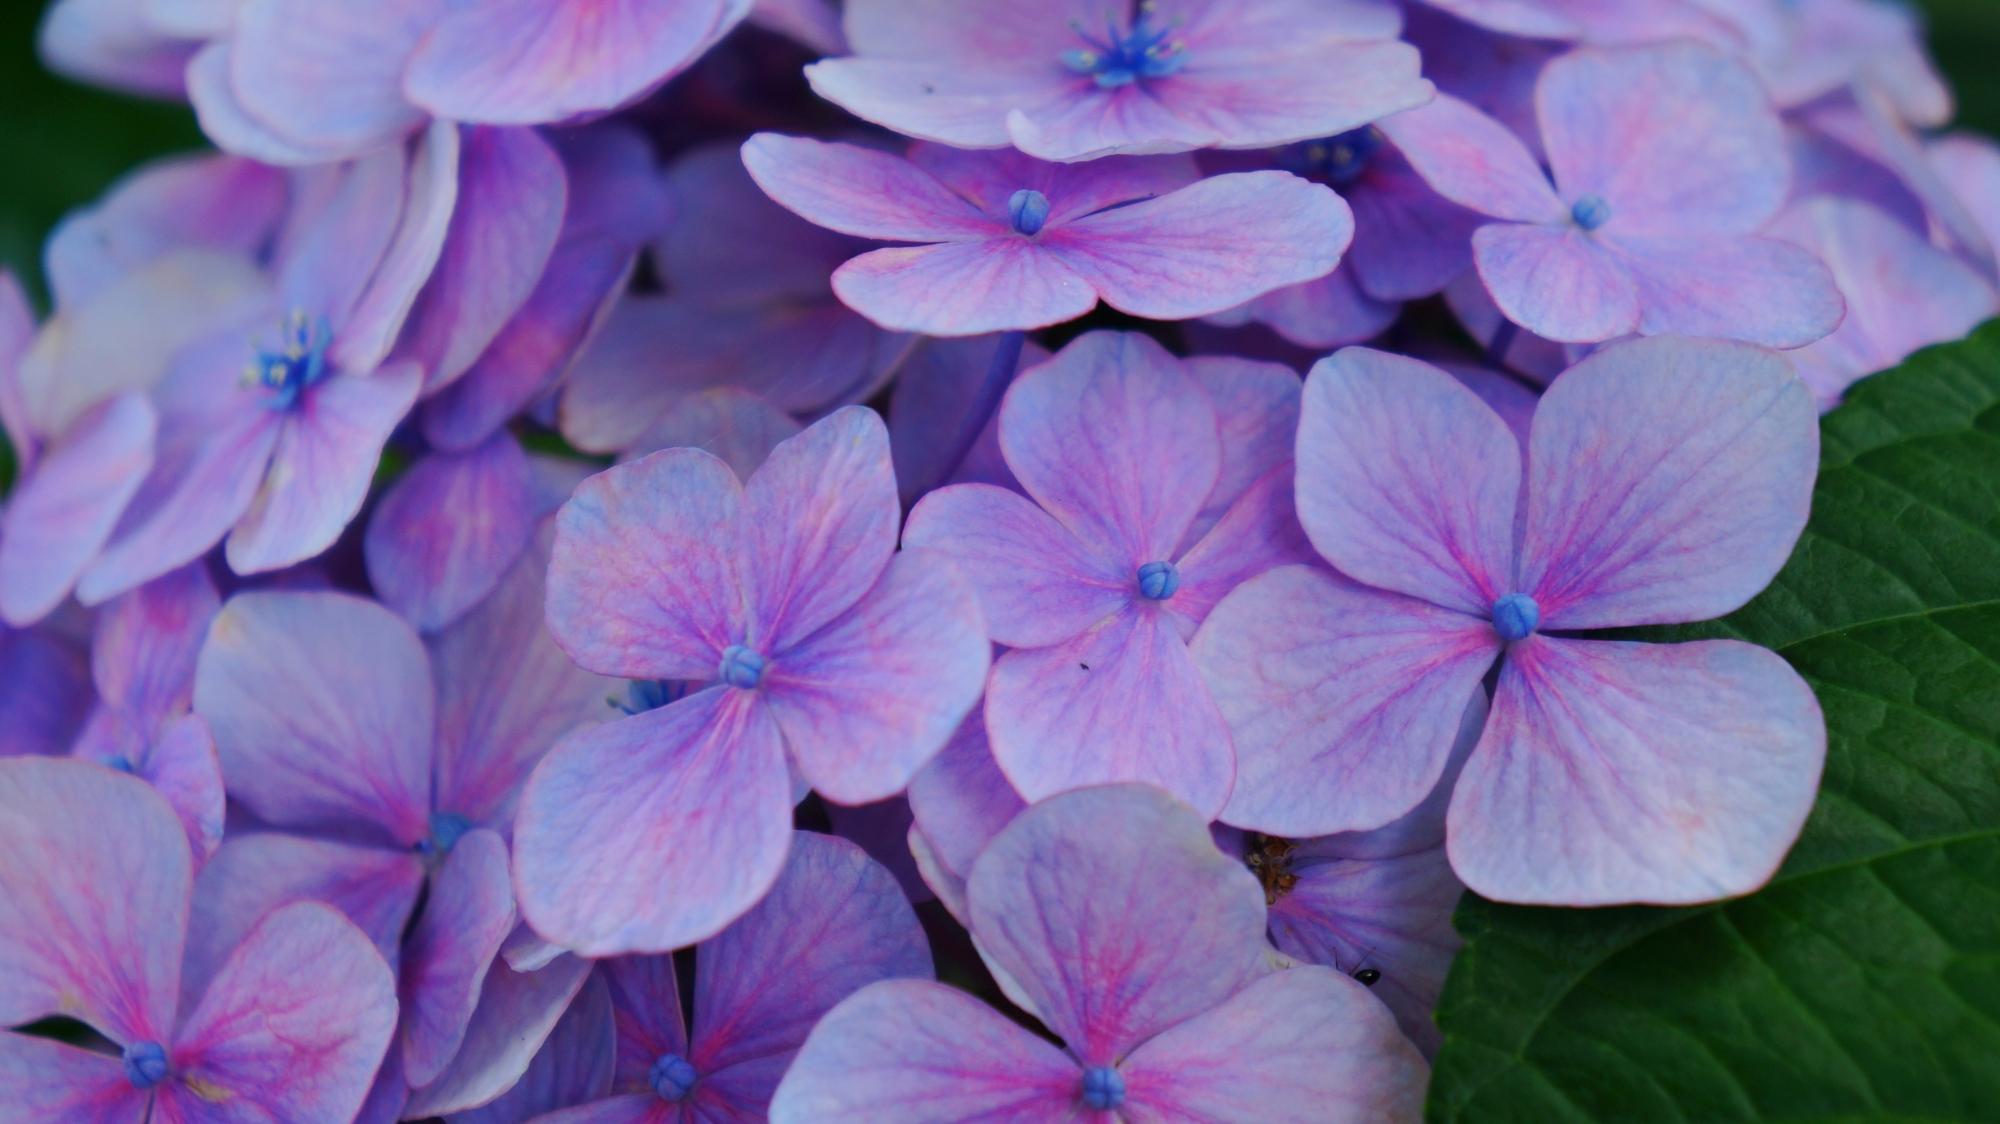 非常に繊細な色合いや色の変化のある紫陽花の花びら